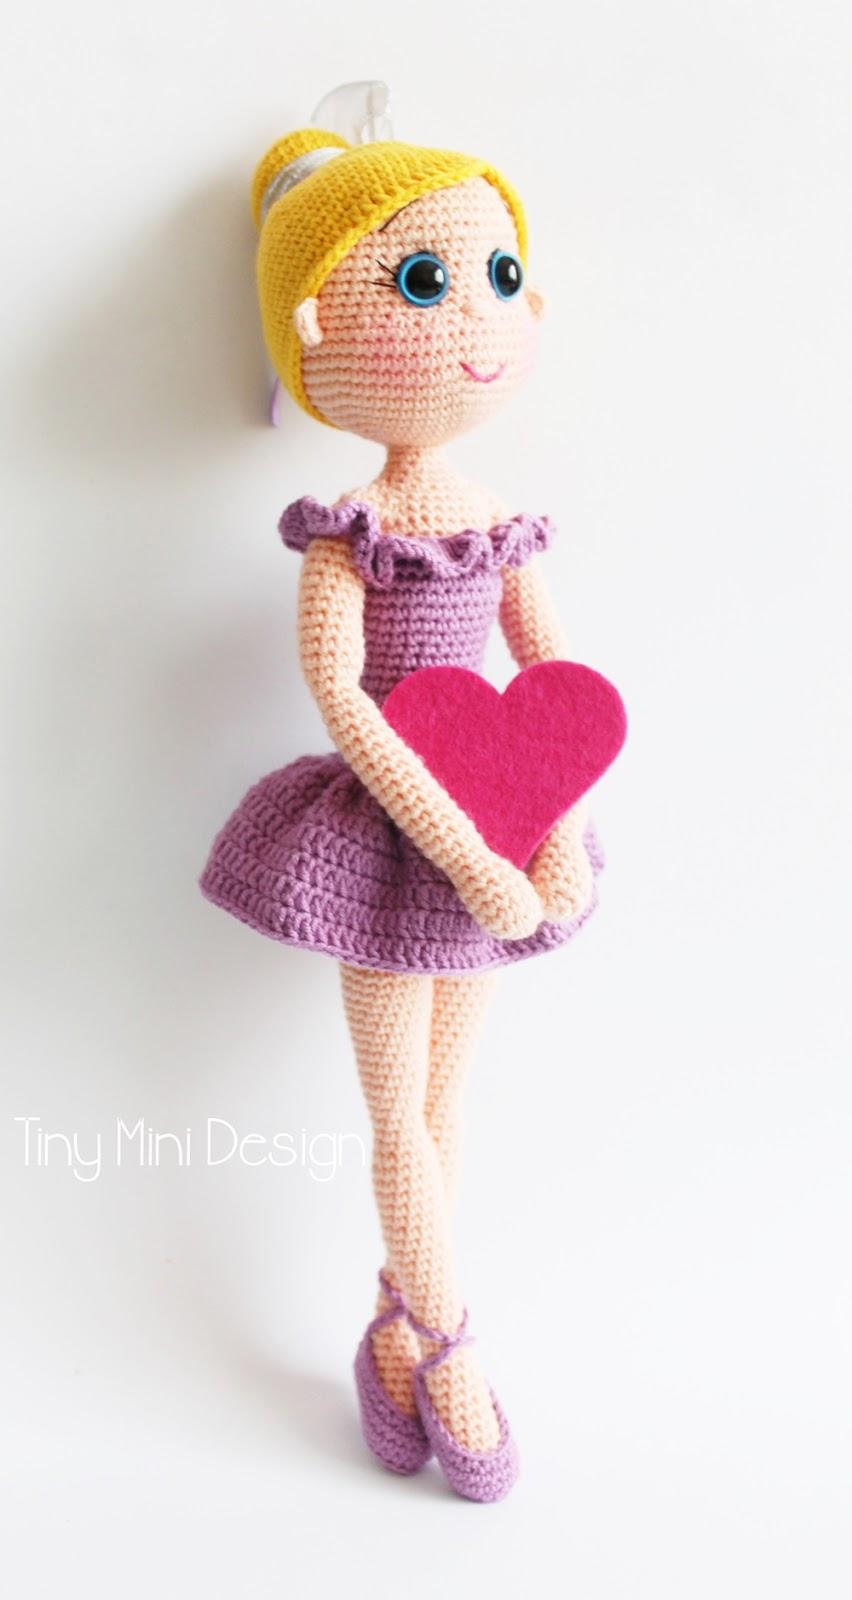 Knitting Pattern Ballerina Doll : Amigurumi Balerin Bebek-Amigurumi Ballerina Doll Pattern ...